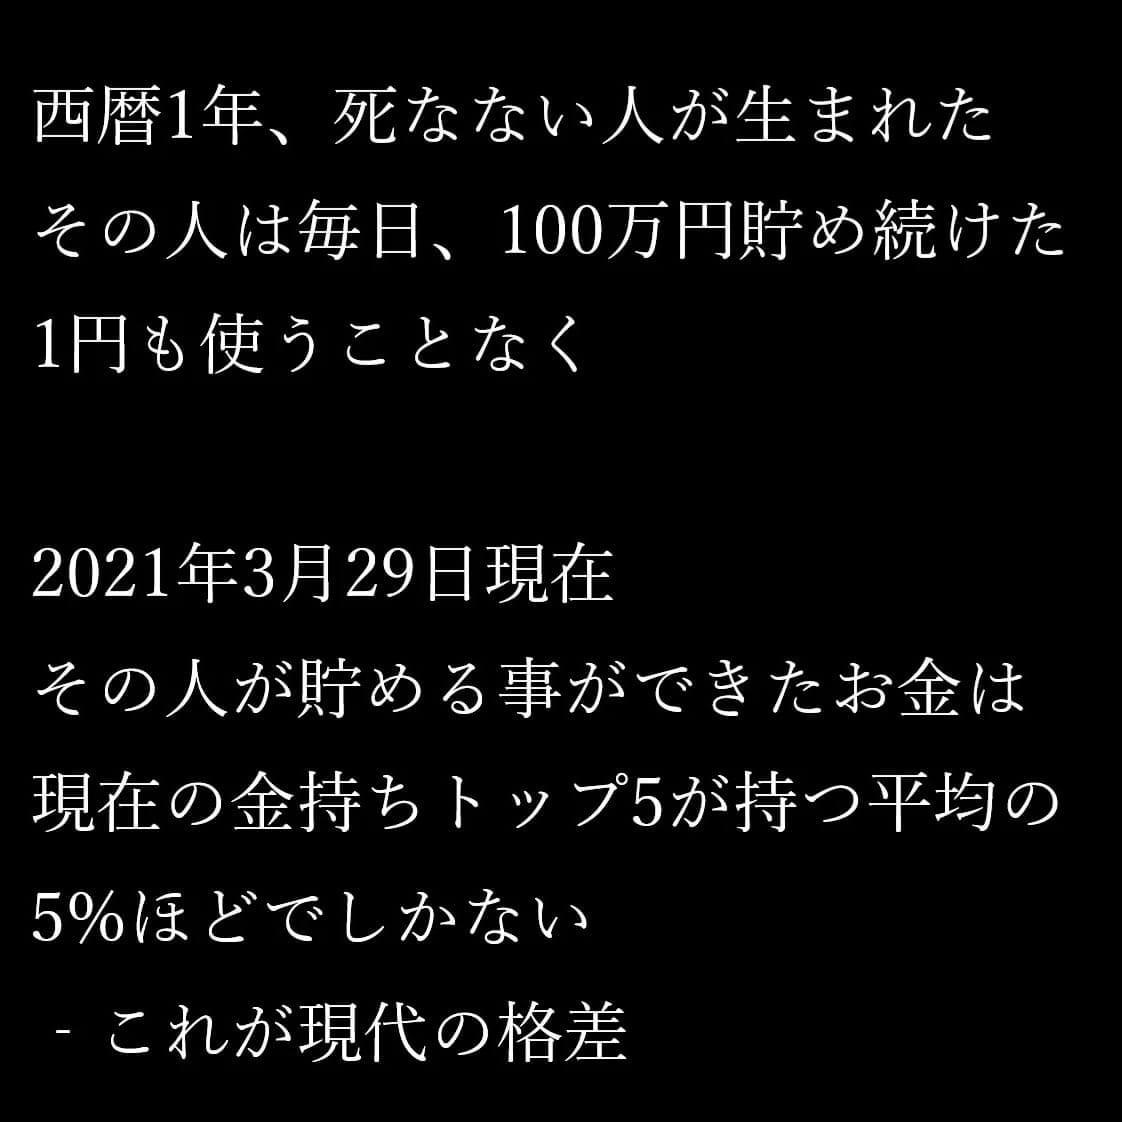 775E3C85-E6C4-45AF-8311-1947E6AADA44